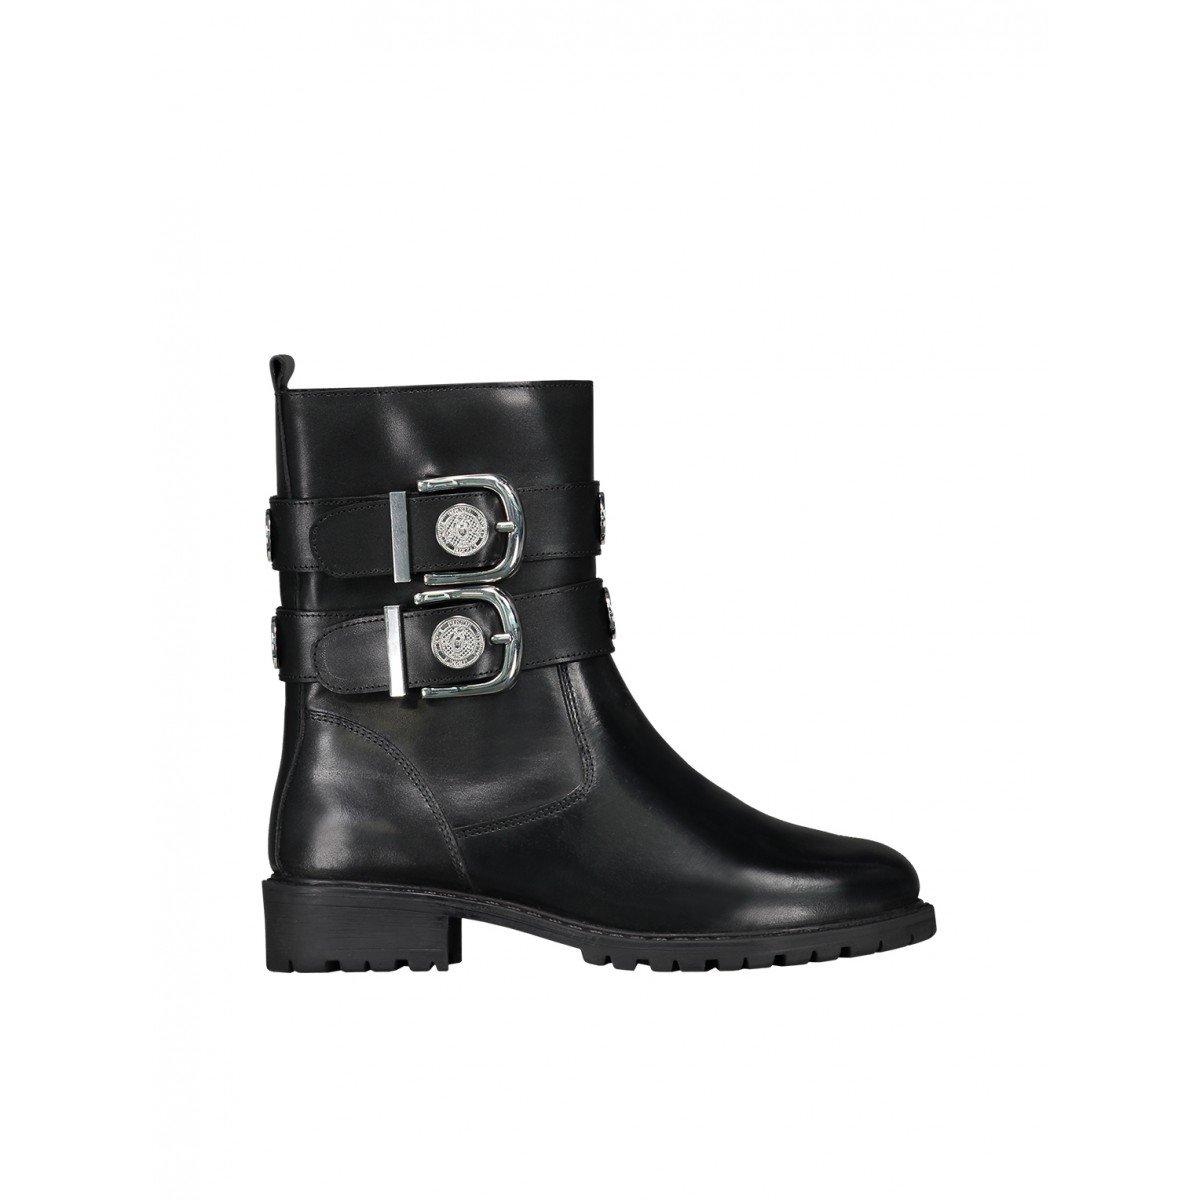 Zwarte dames laars Nikkie Combat Buckle Boots - N9-866 1901 9075